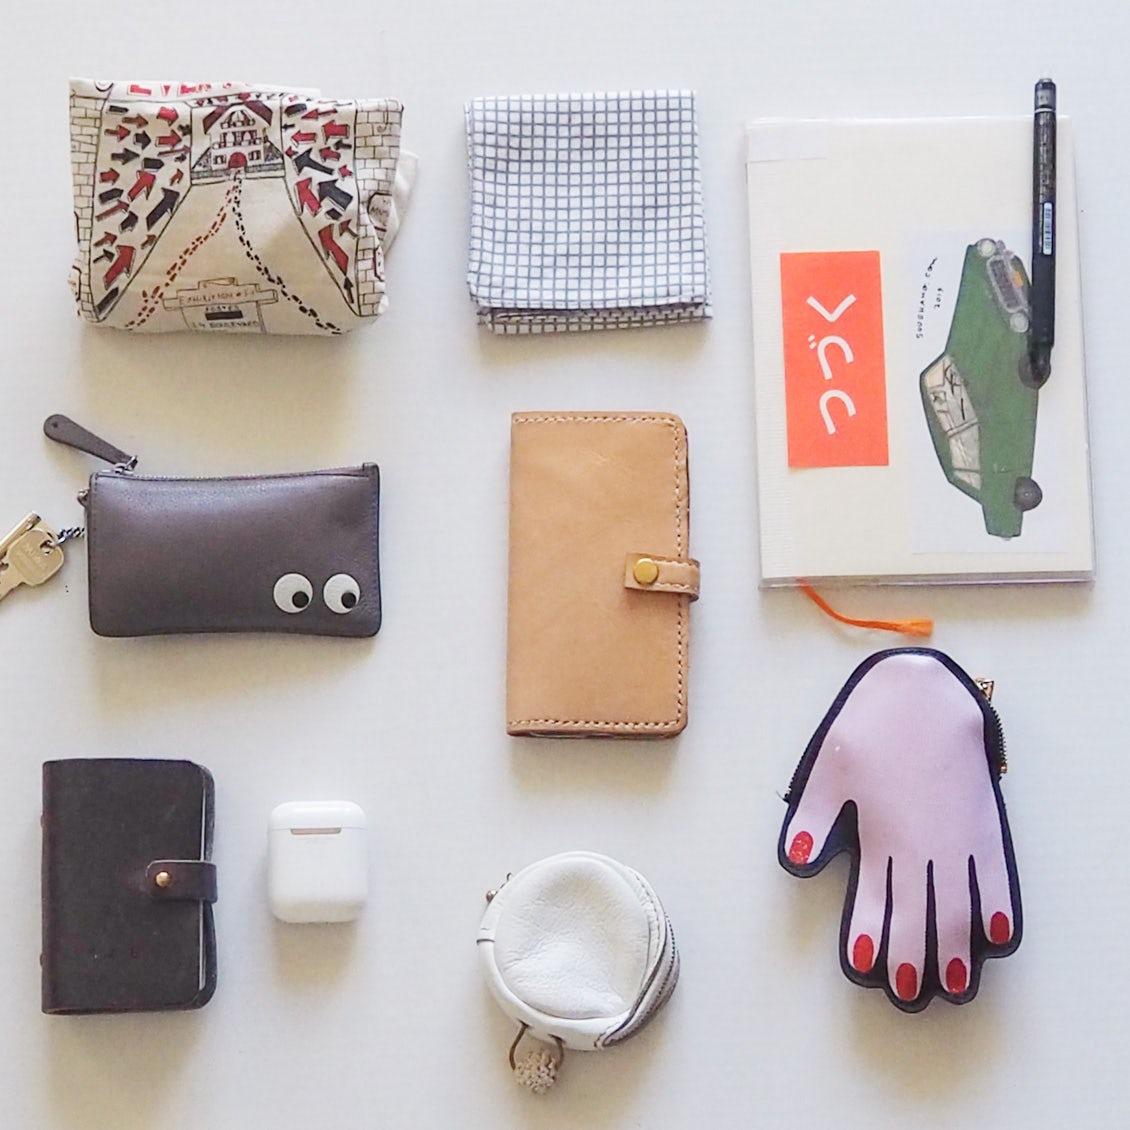 【あの人のバッグ】財布を持たずに軽量化!長く付き合いたくなるバッグ選びの基準とは?(ナミキミオさん)